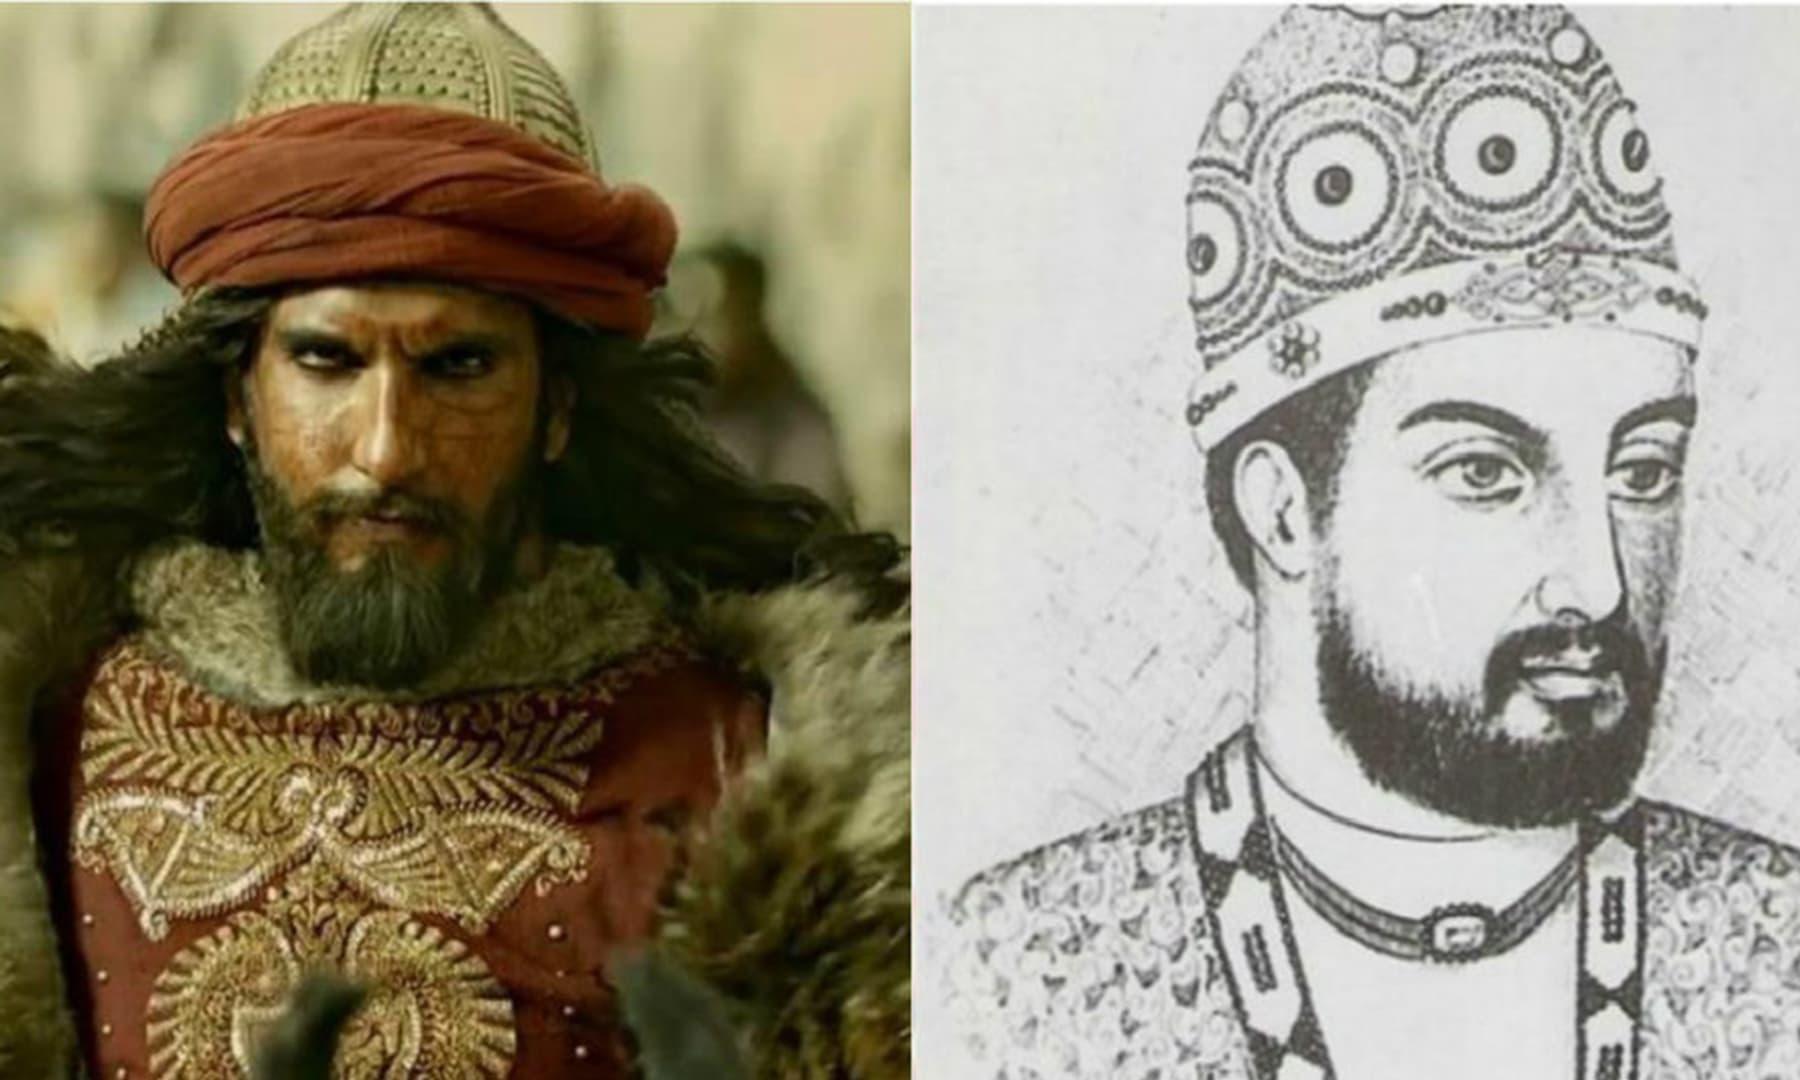 فلم پدماوت میں خلجی کا کردار نبھانے والے رنویر سنگھ